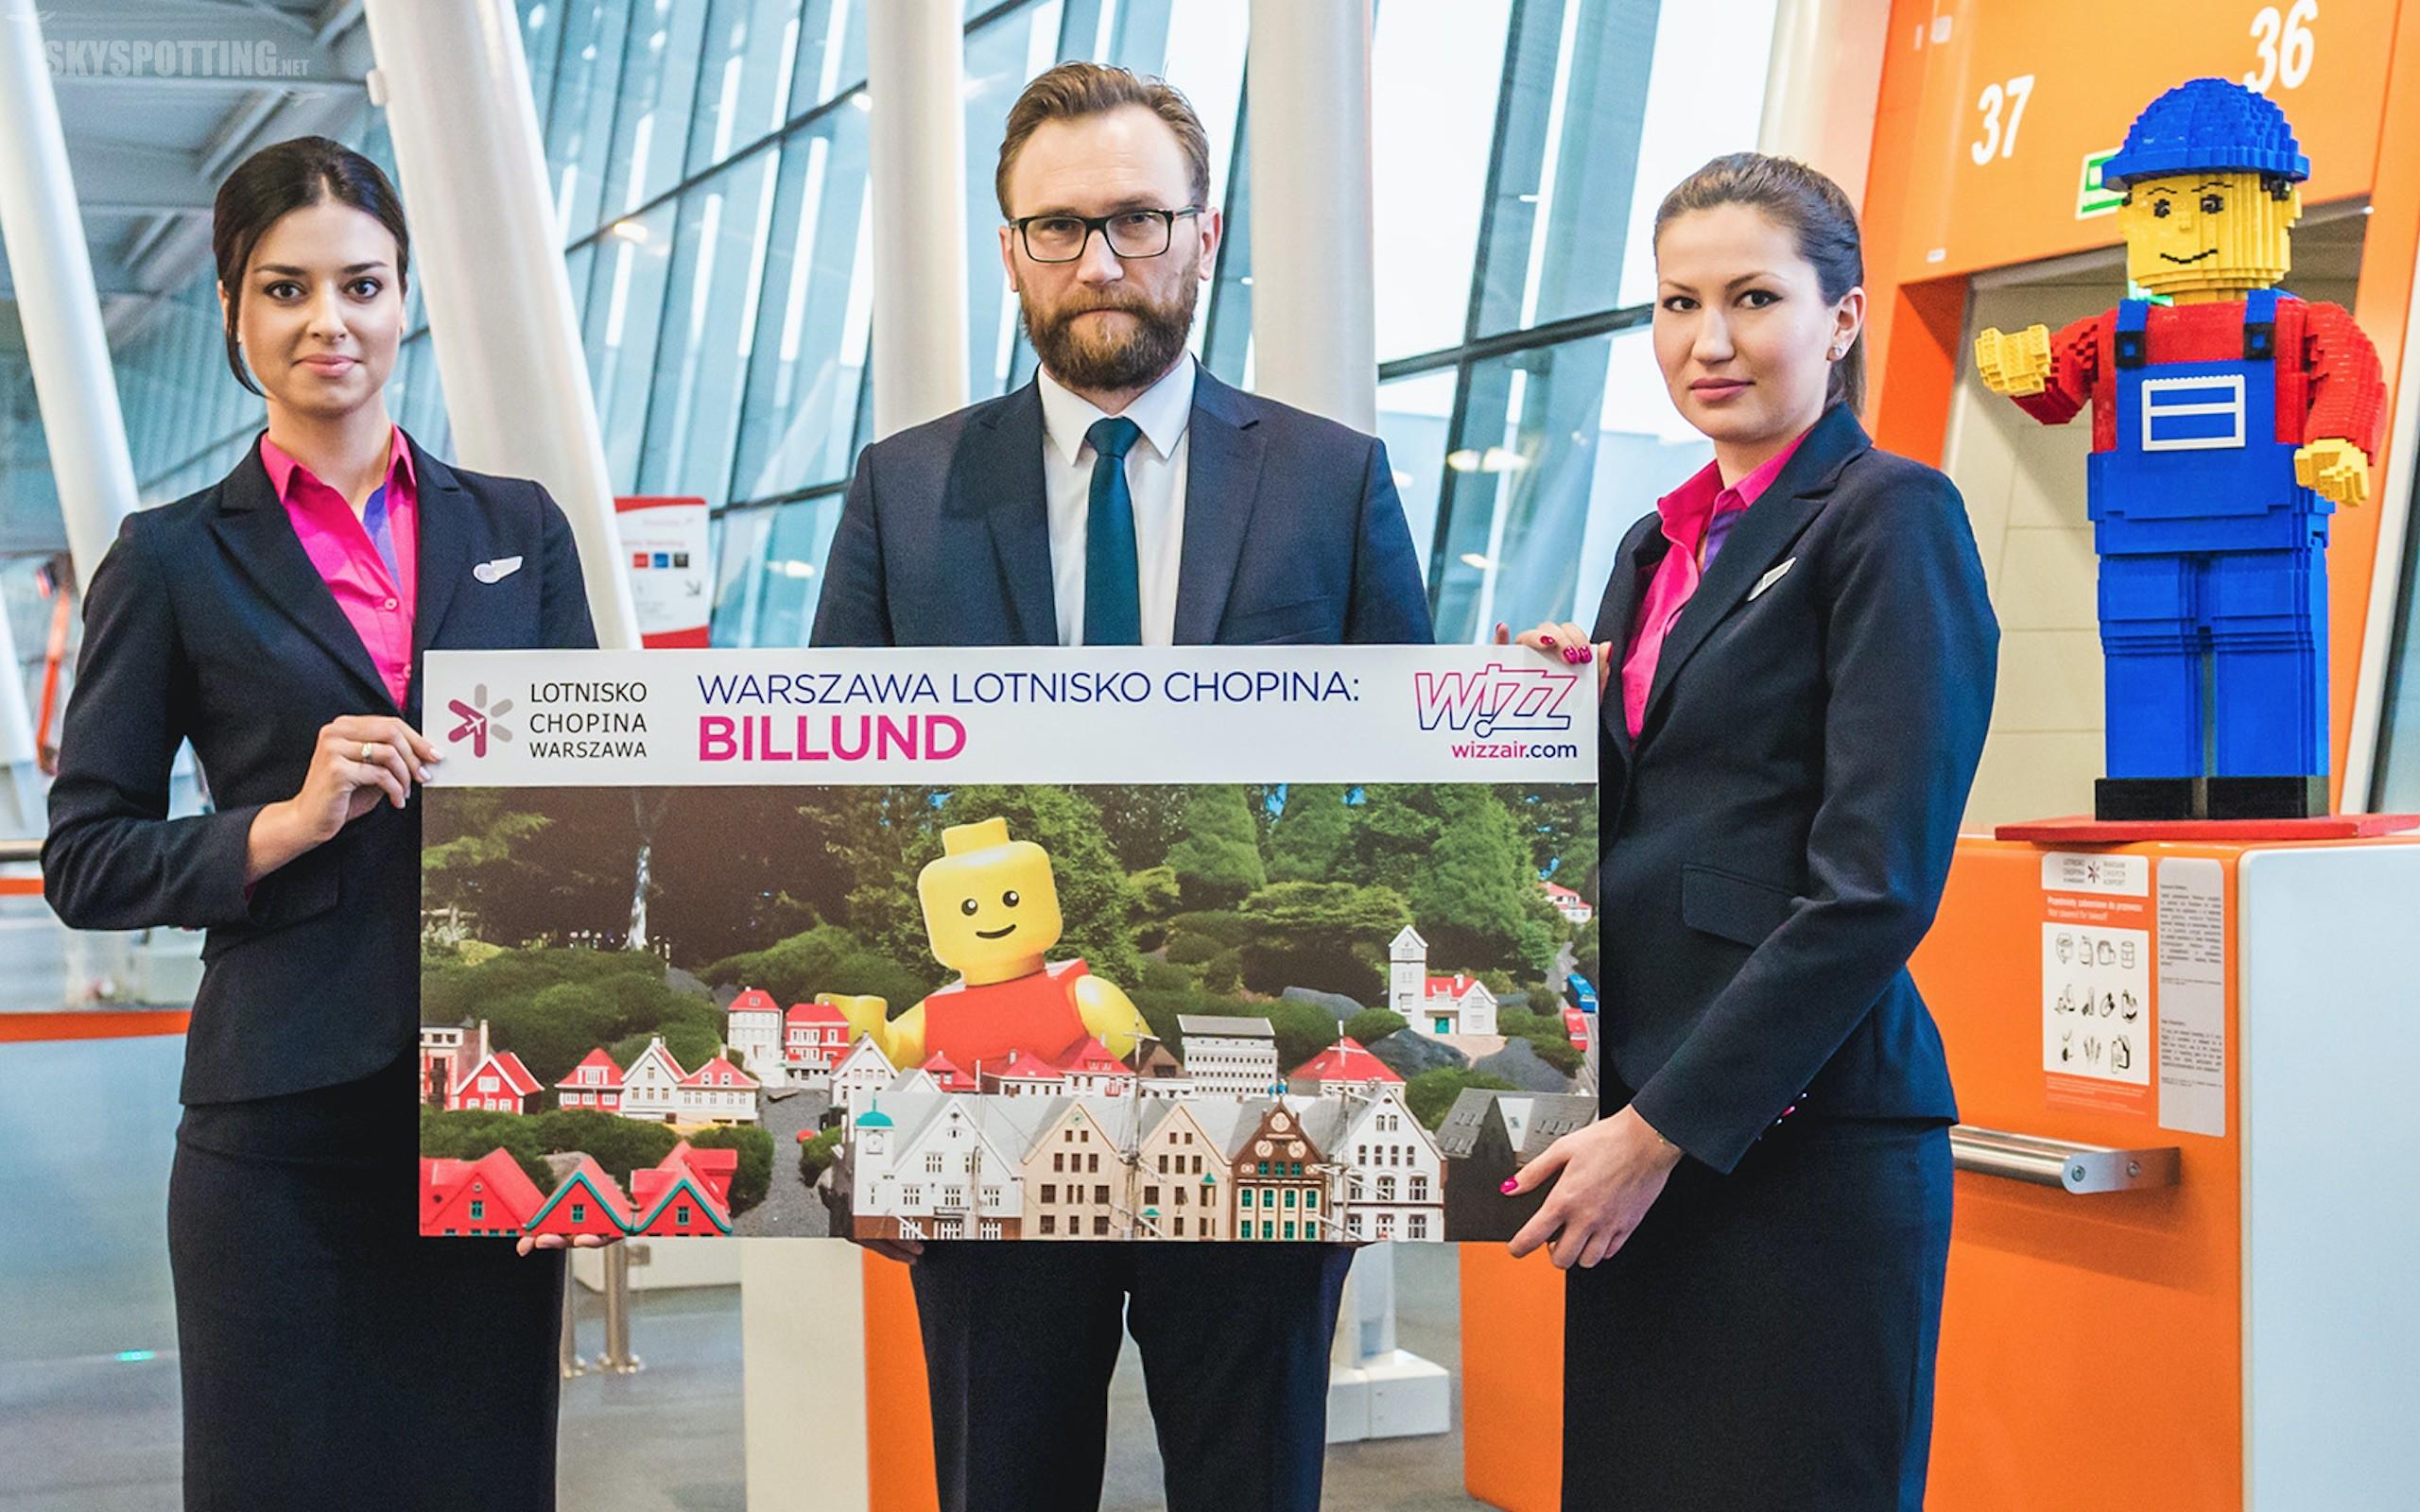 Wizz Air rozpoczyna loty z lotniska Chopina w Warszawie do Billund